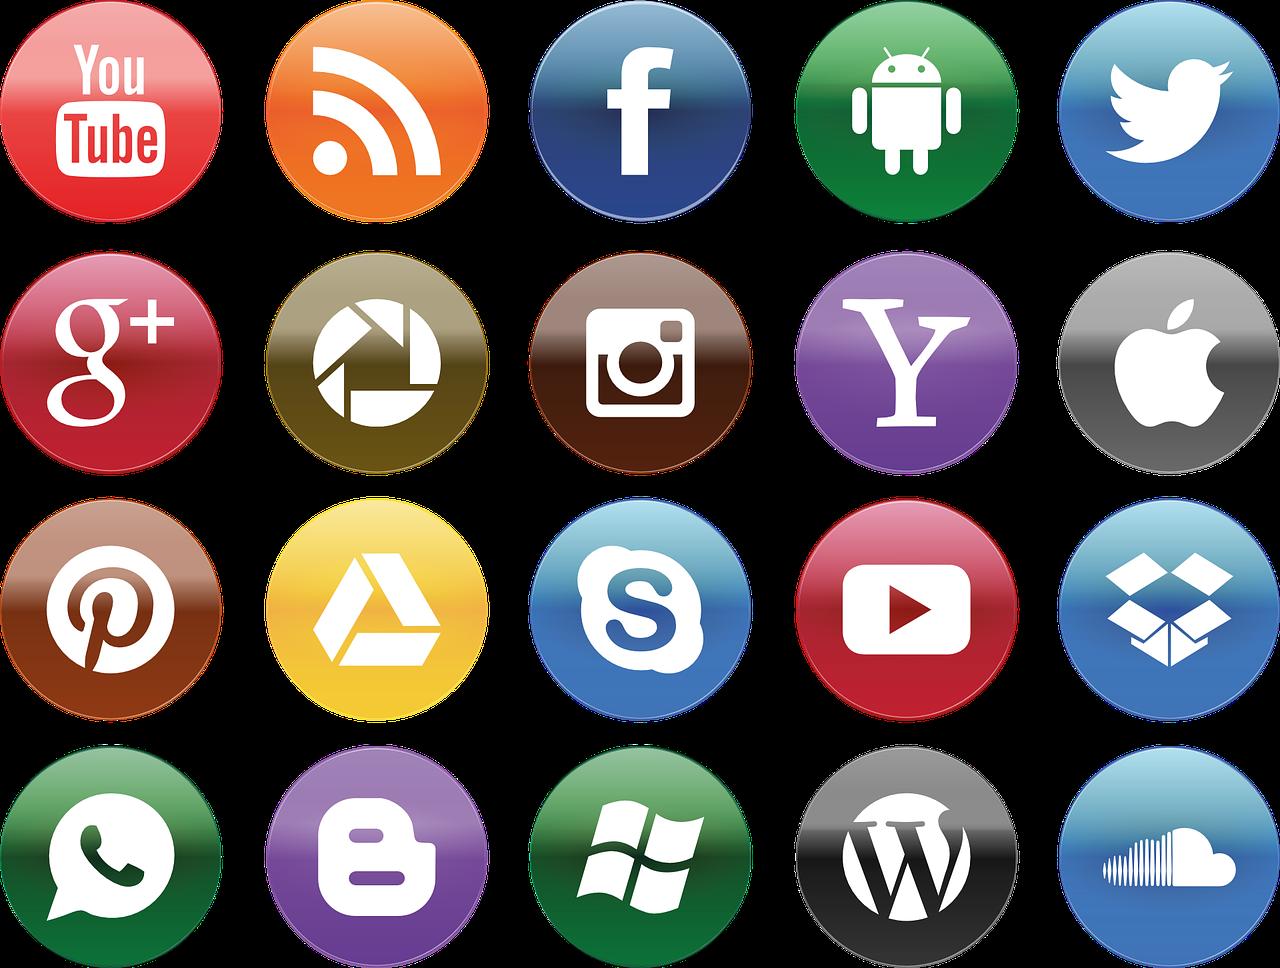 Création d'un site Internet Béziers avec WordPress